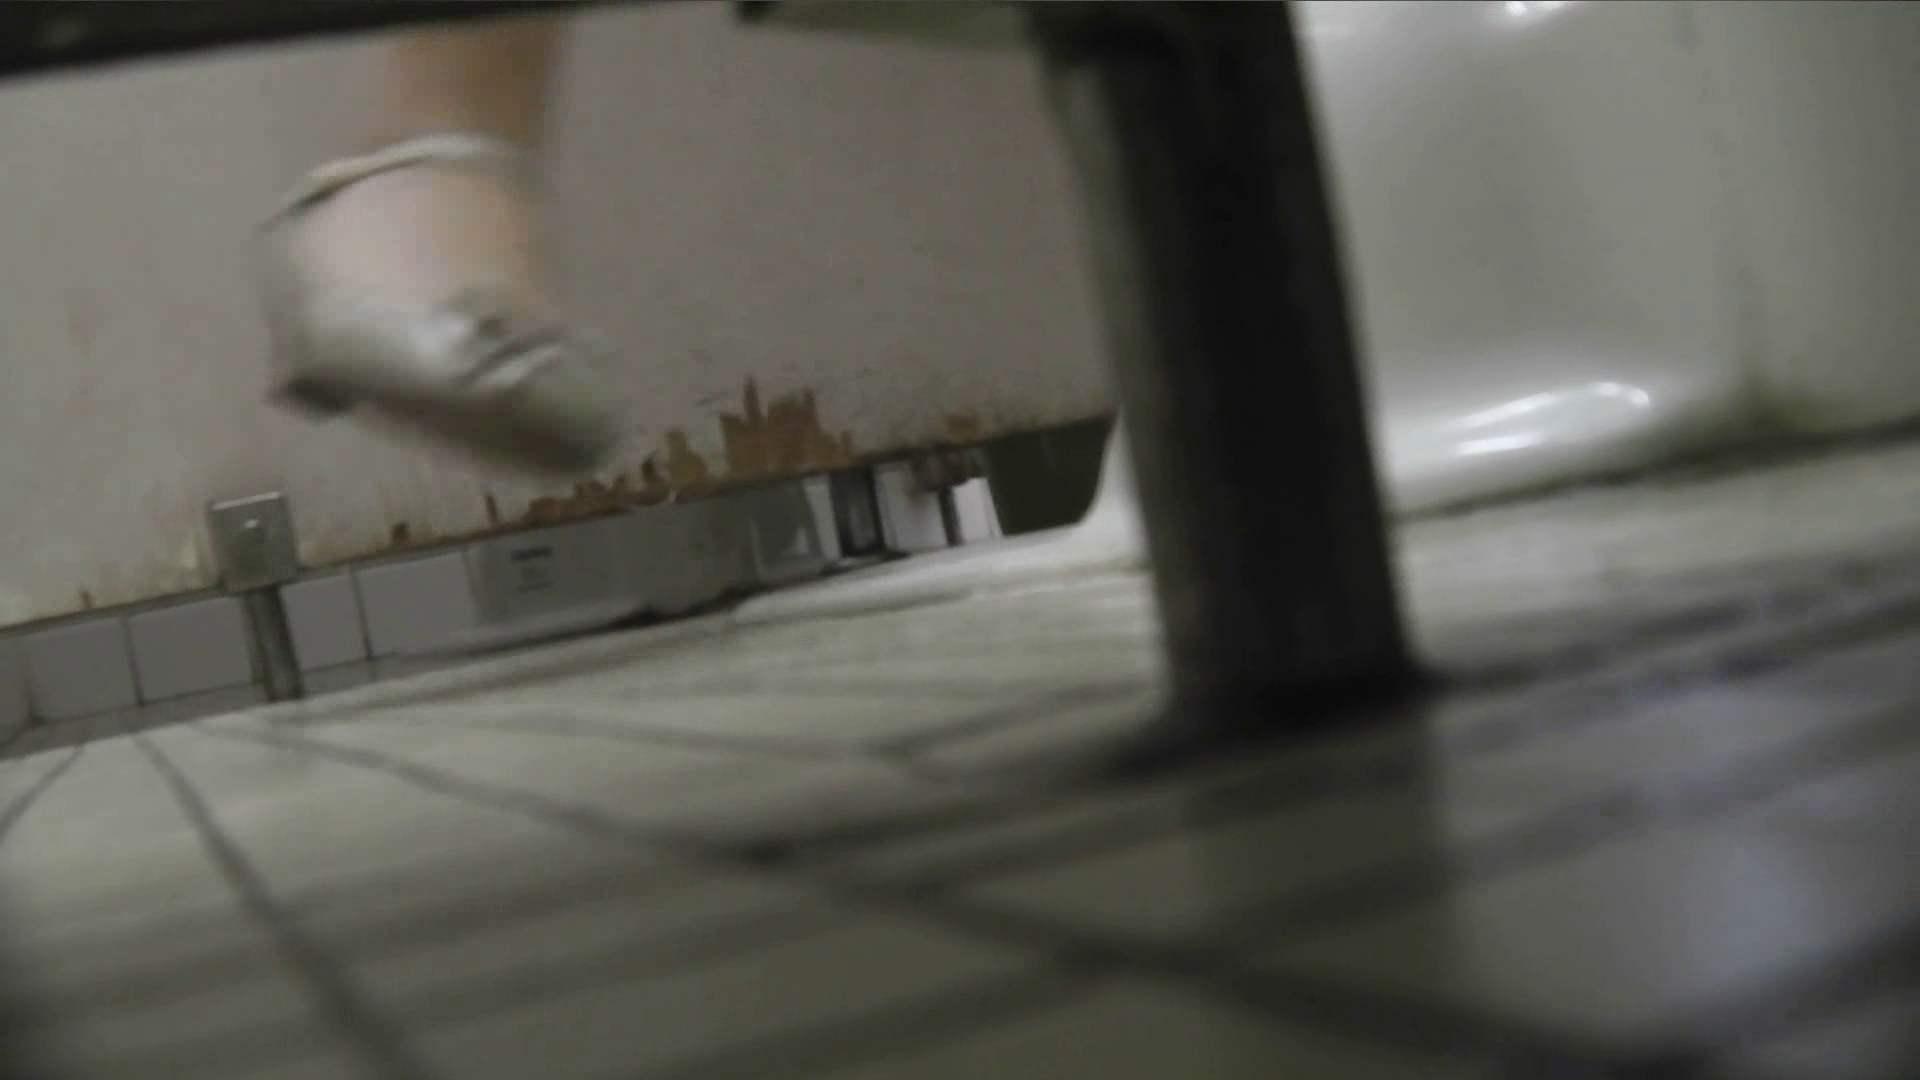 【美しき個室な世界】 vol.025 メガネ属性ヾ(´∀`)ノ 高評価  112PIX 112